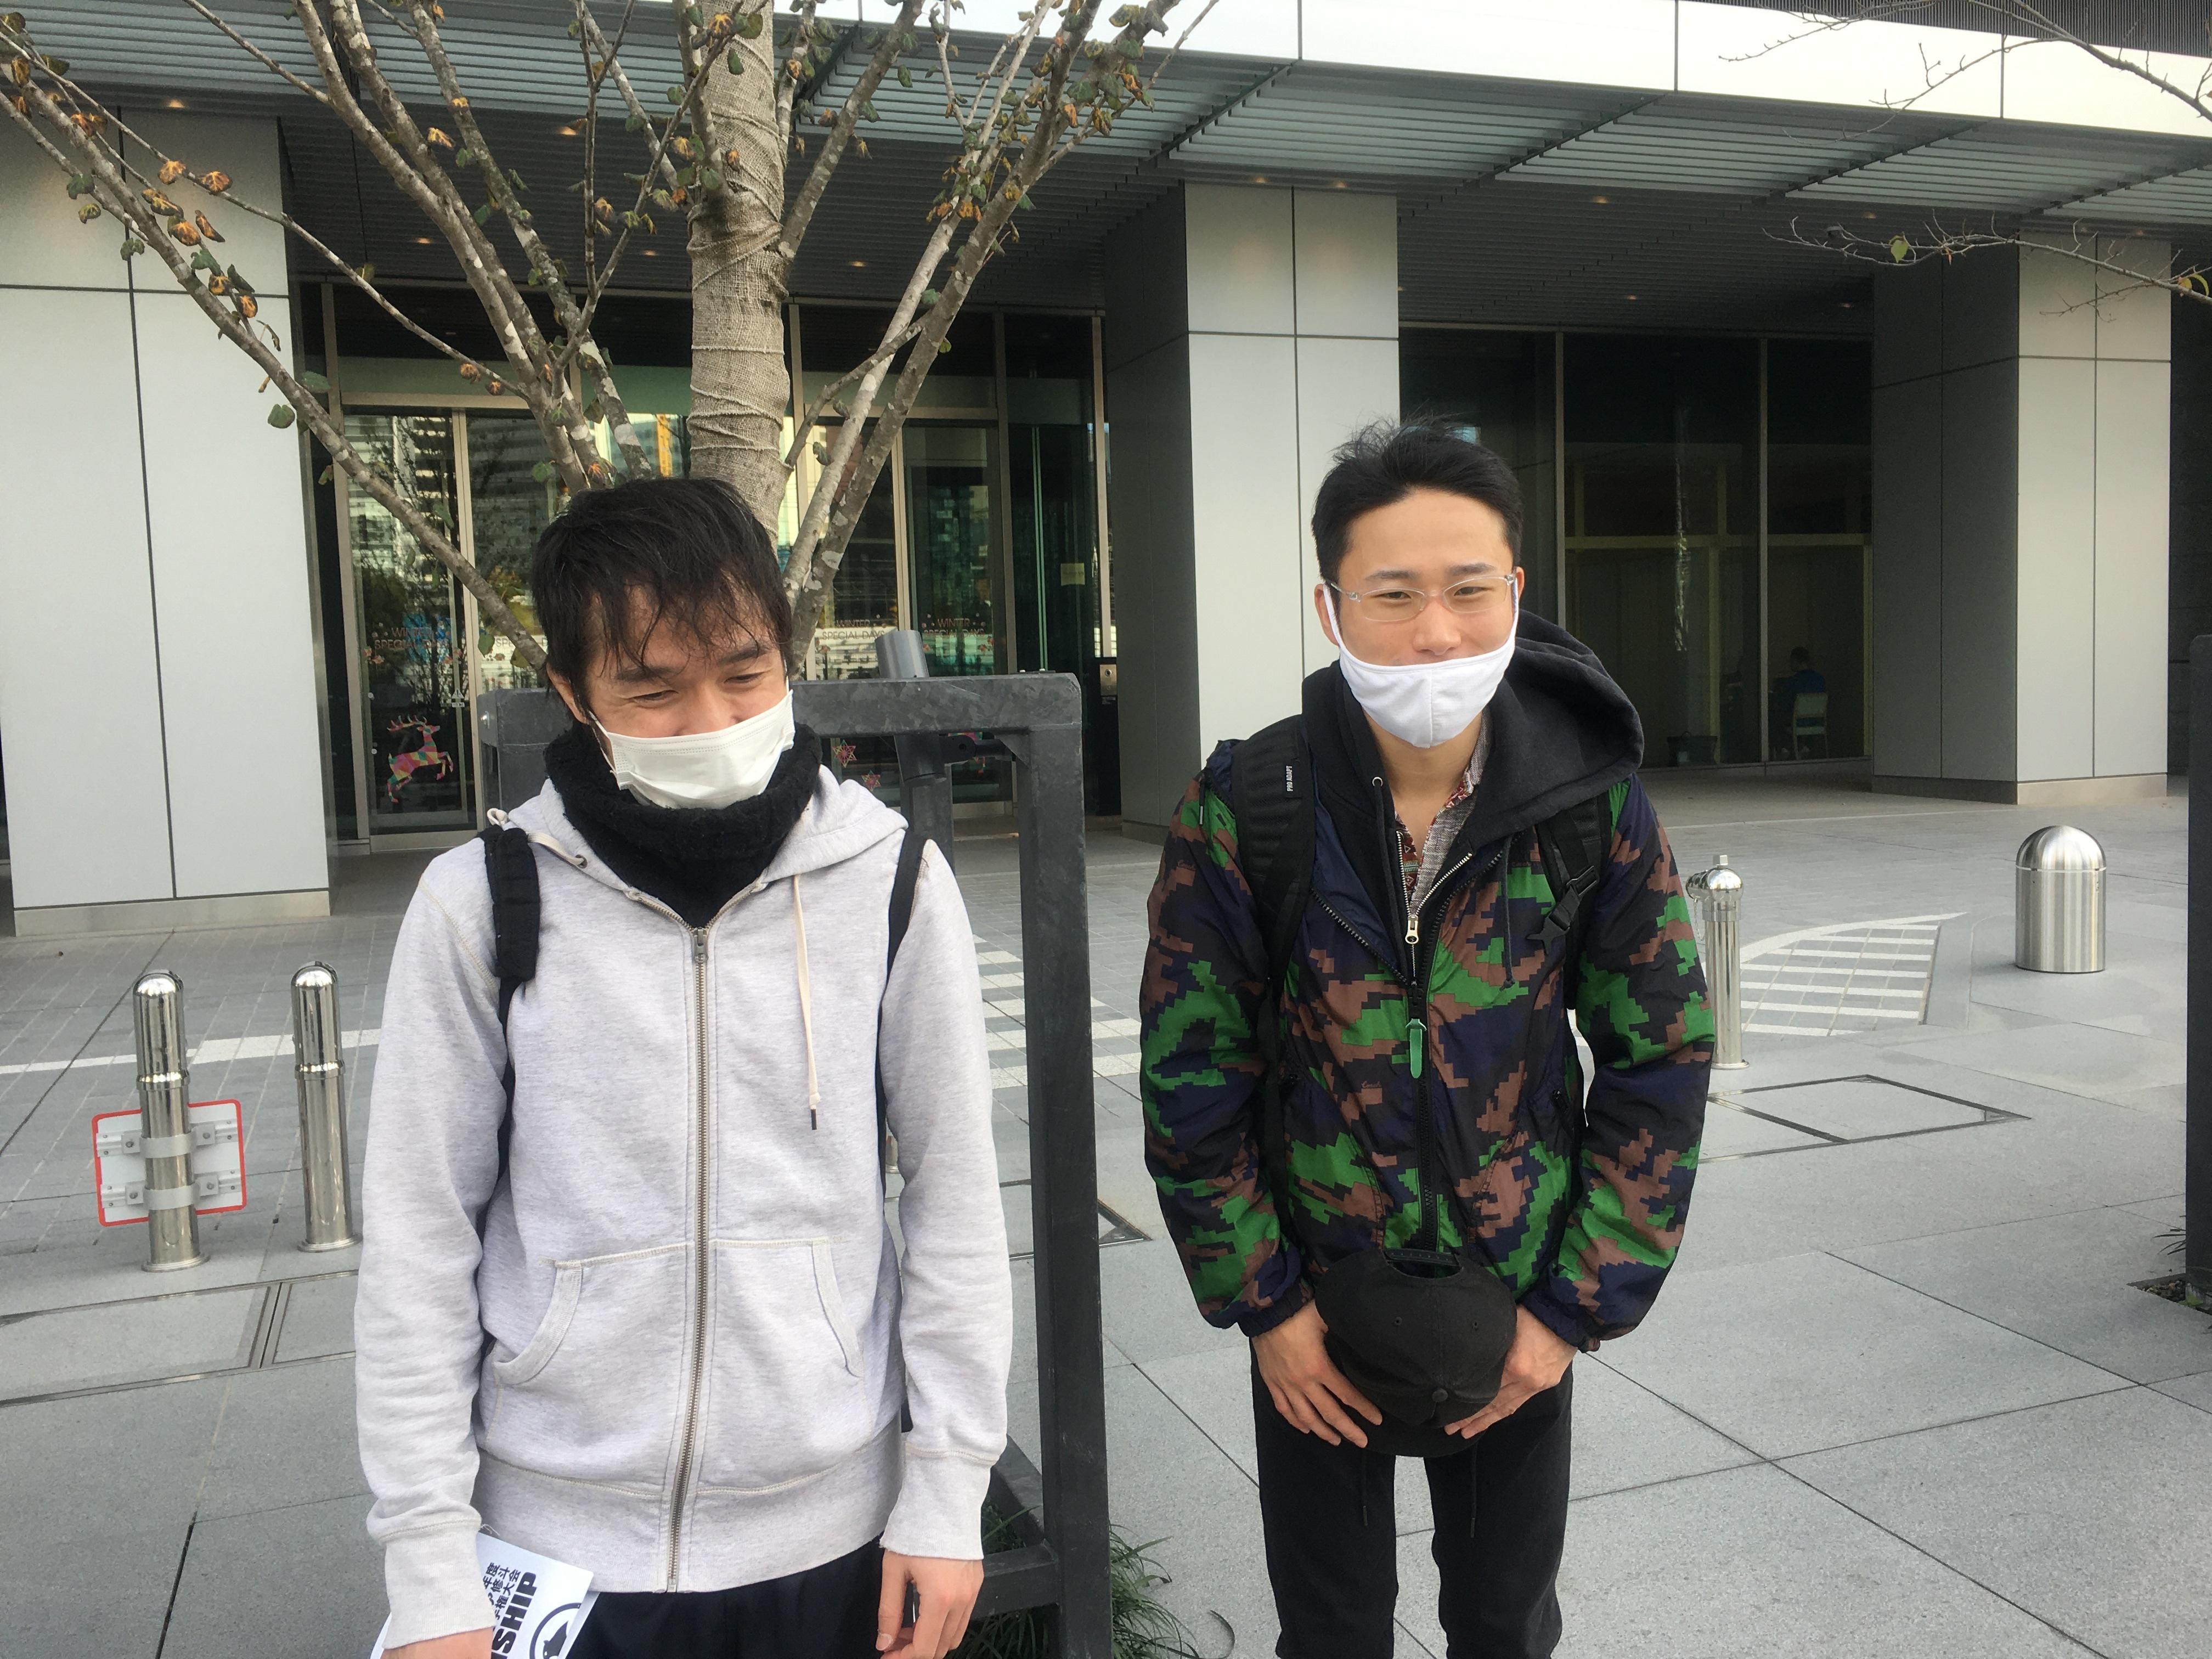 アマチュア修斗関東選手権